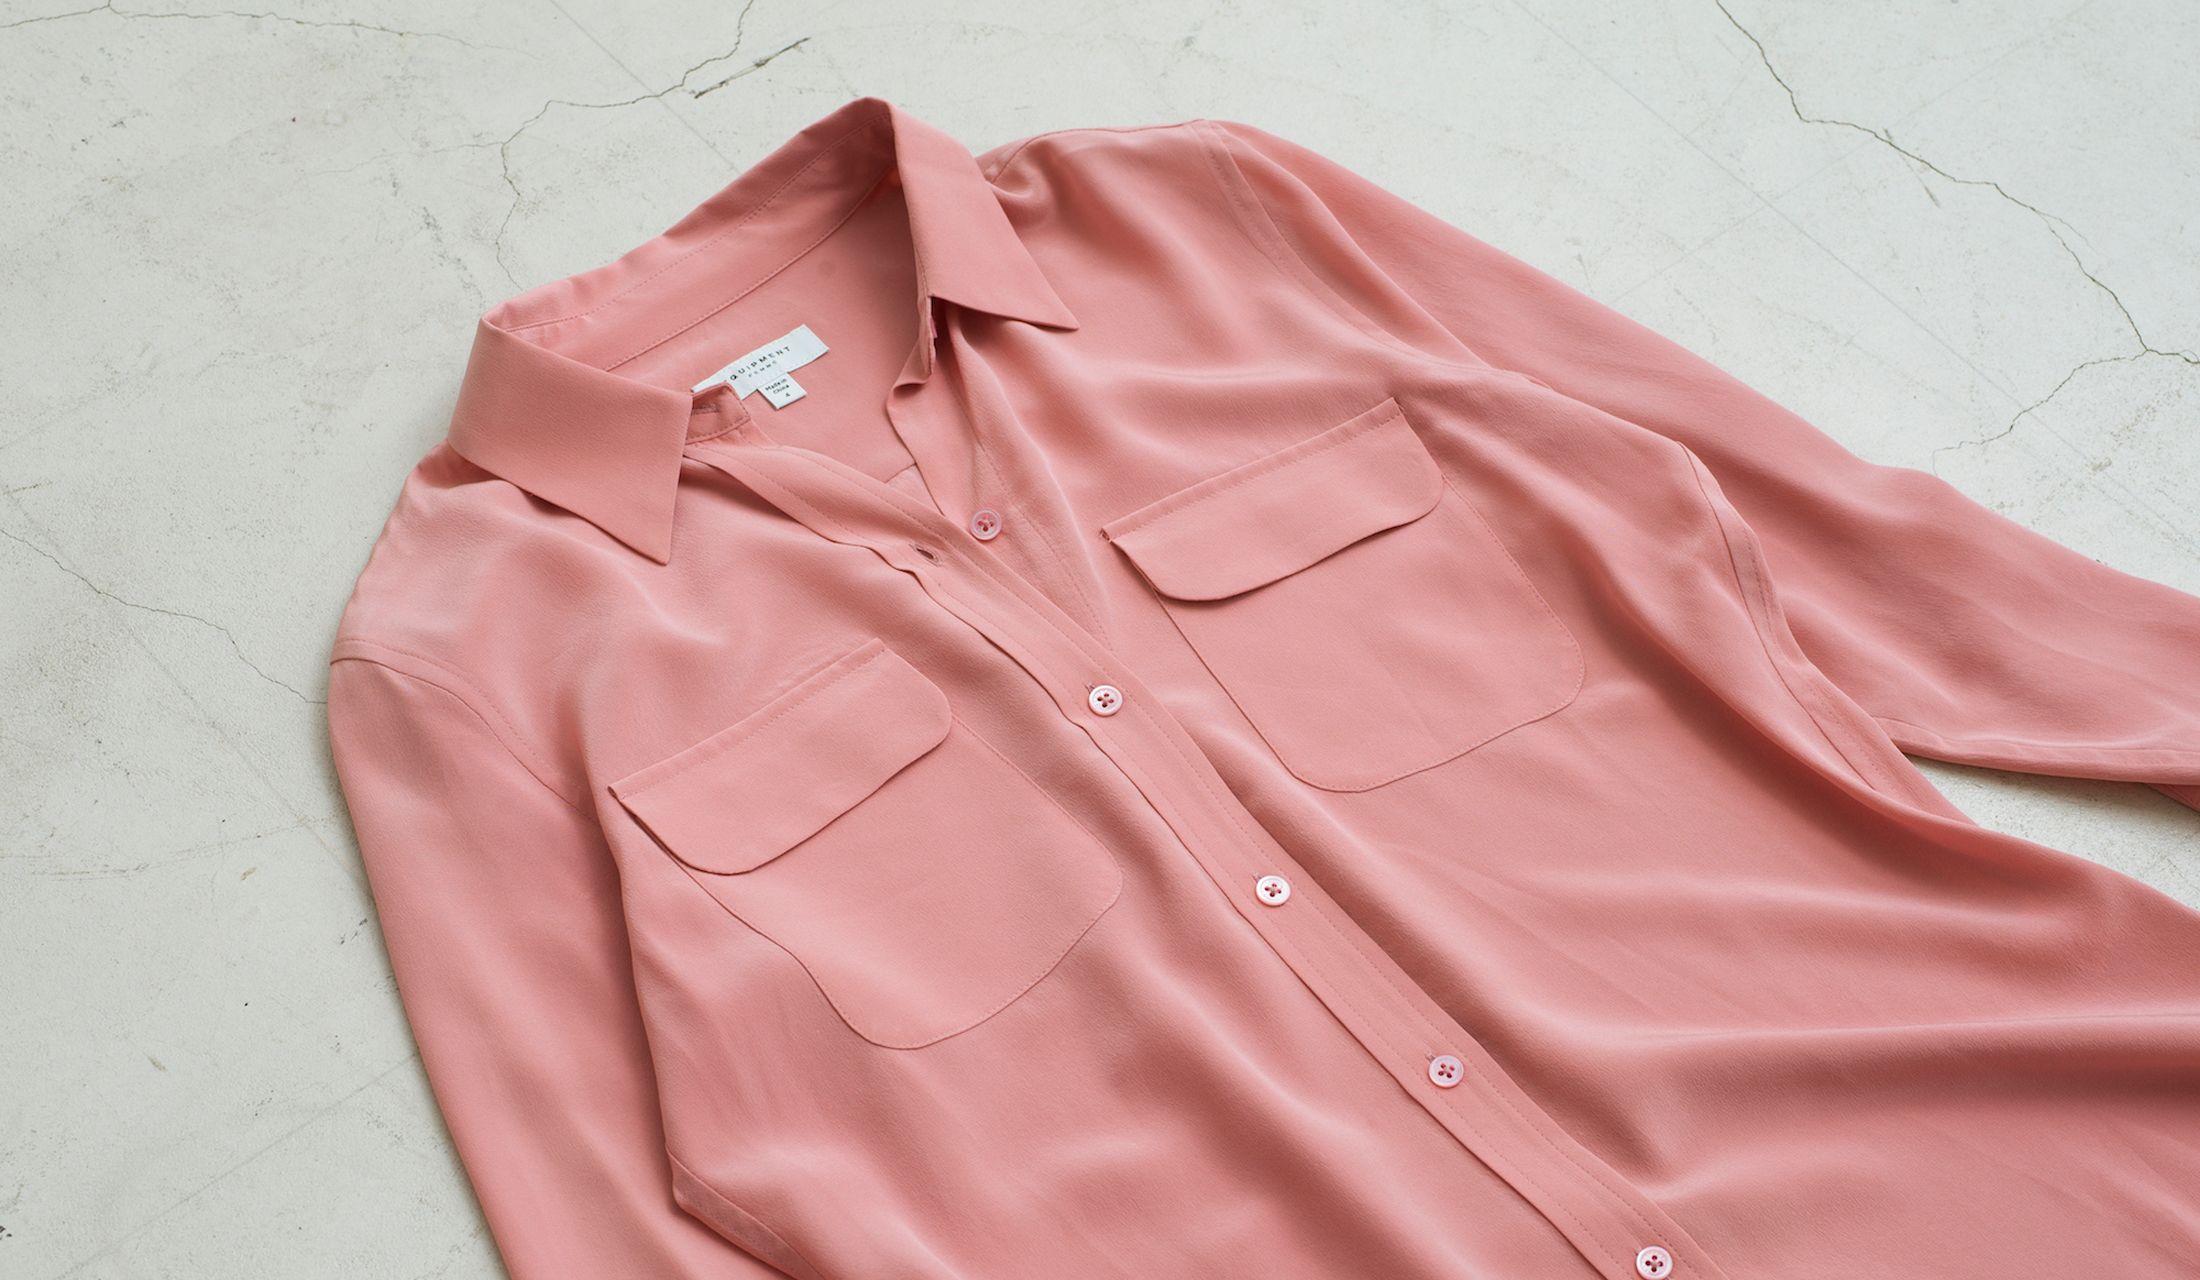 エキップモン銀座店限定のシャツが登場